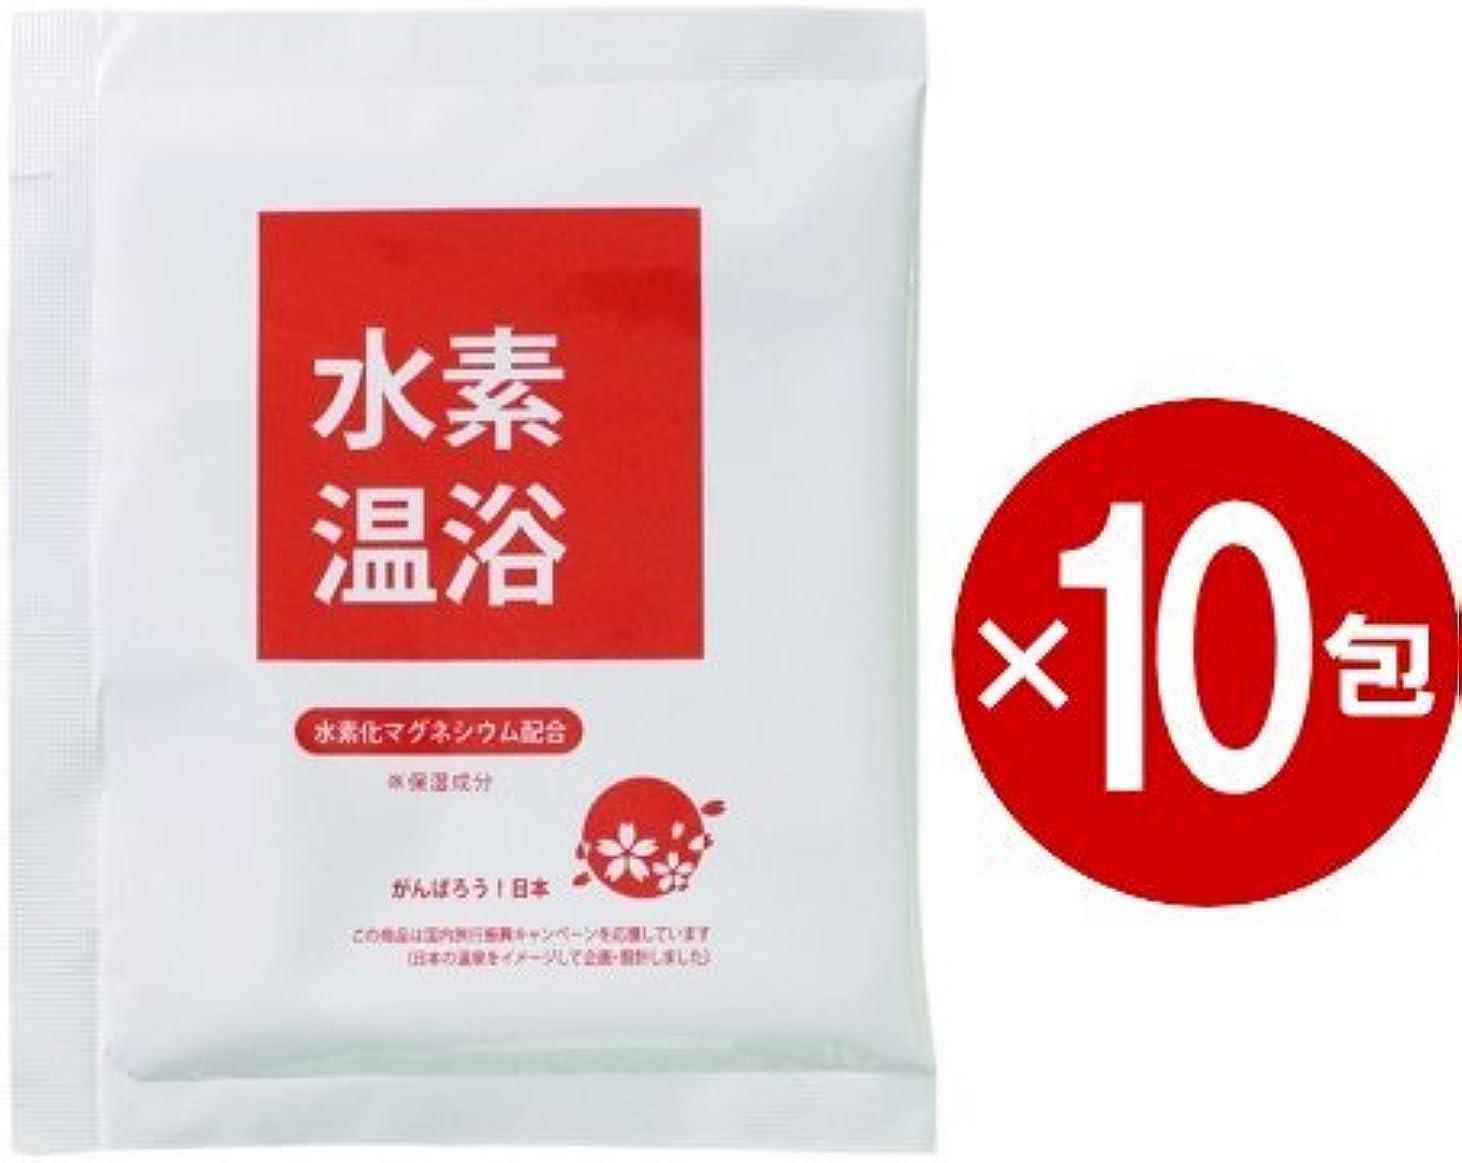 偽善積極的に慣性水素温浴 【水素化マグネシウム配合】入浴剤10袋入り (限定お試し価格)